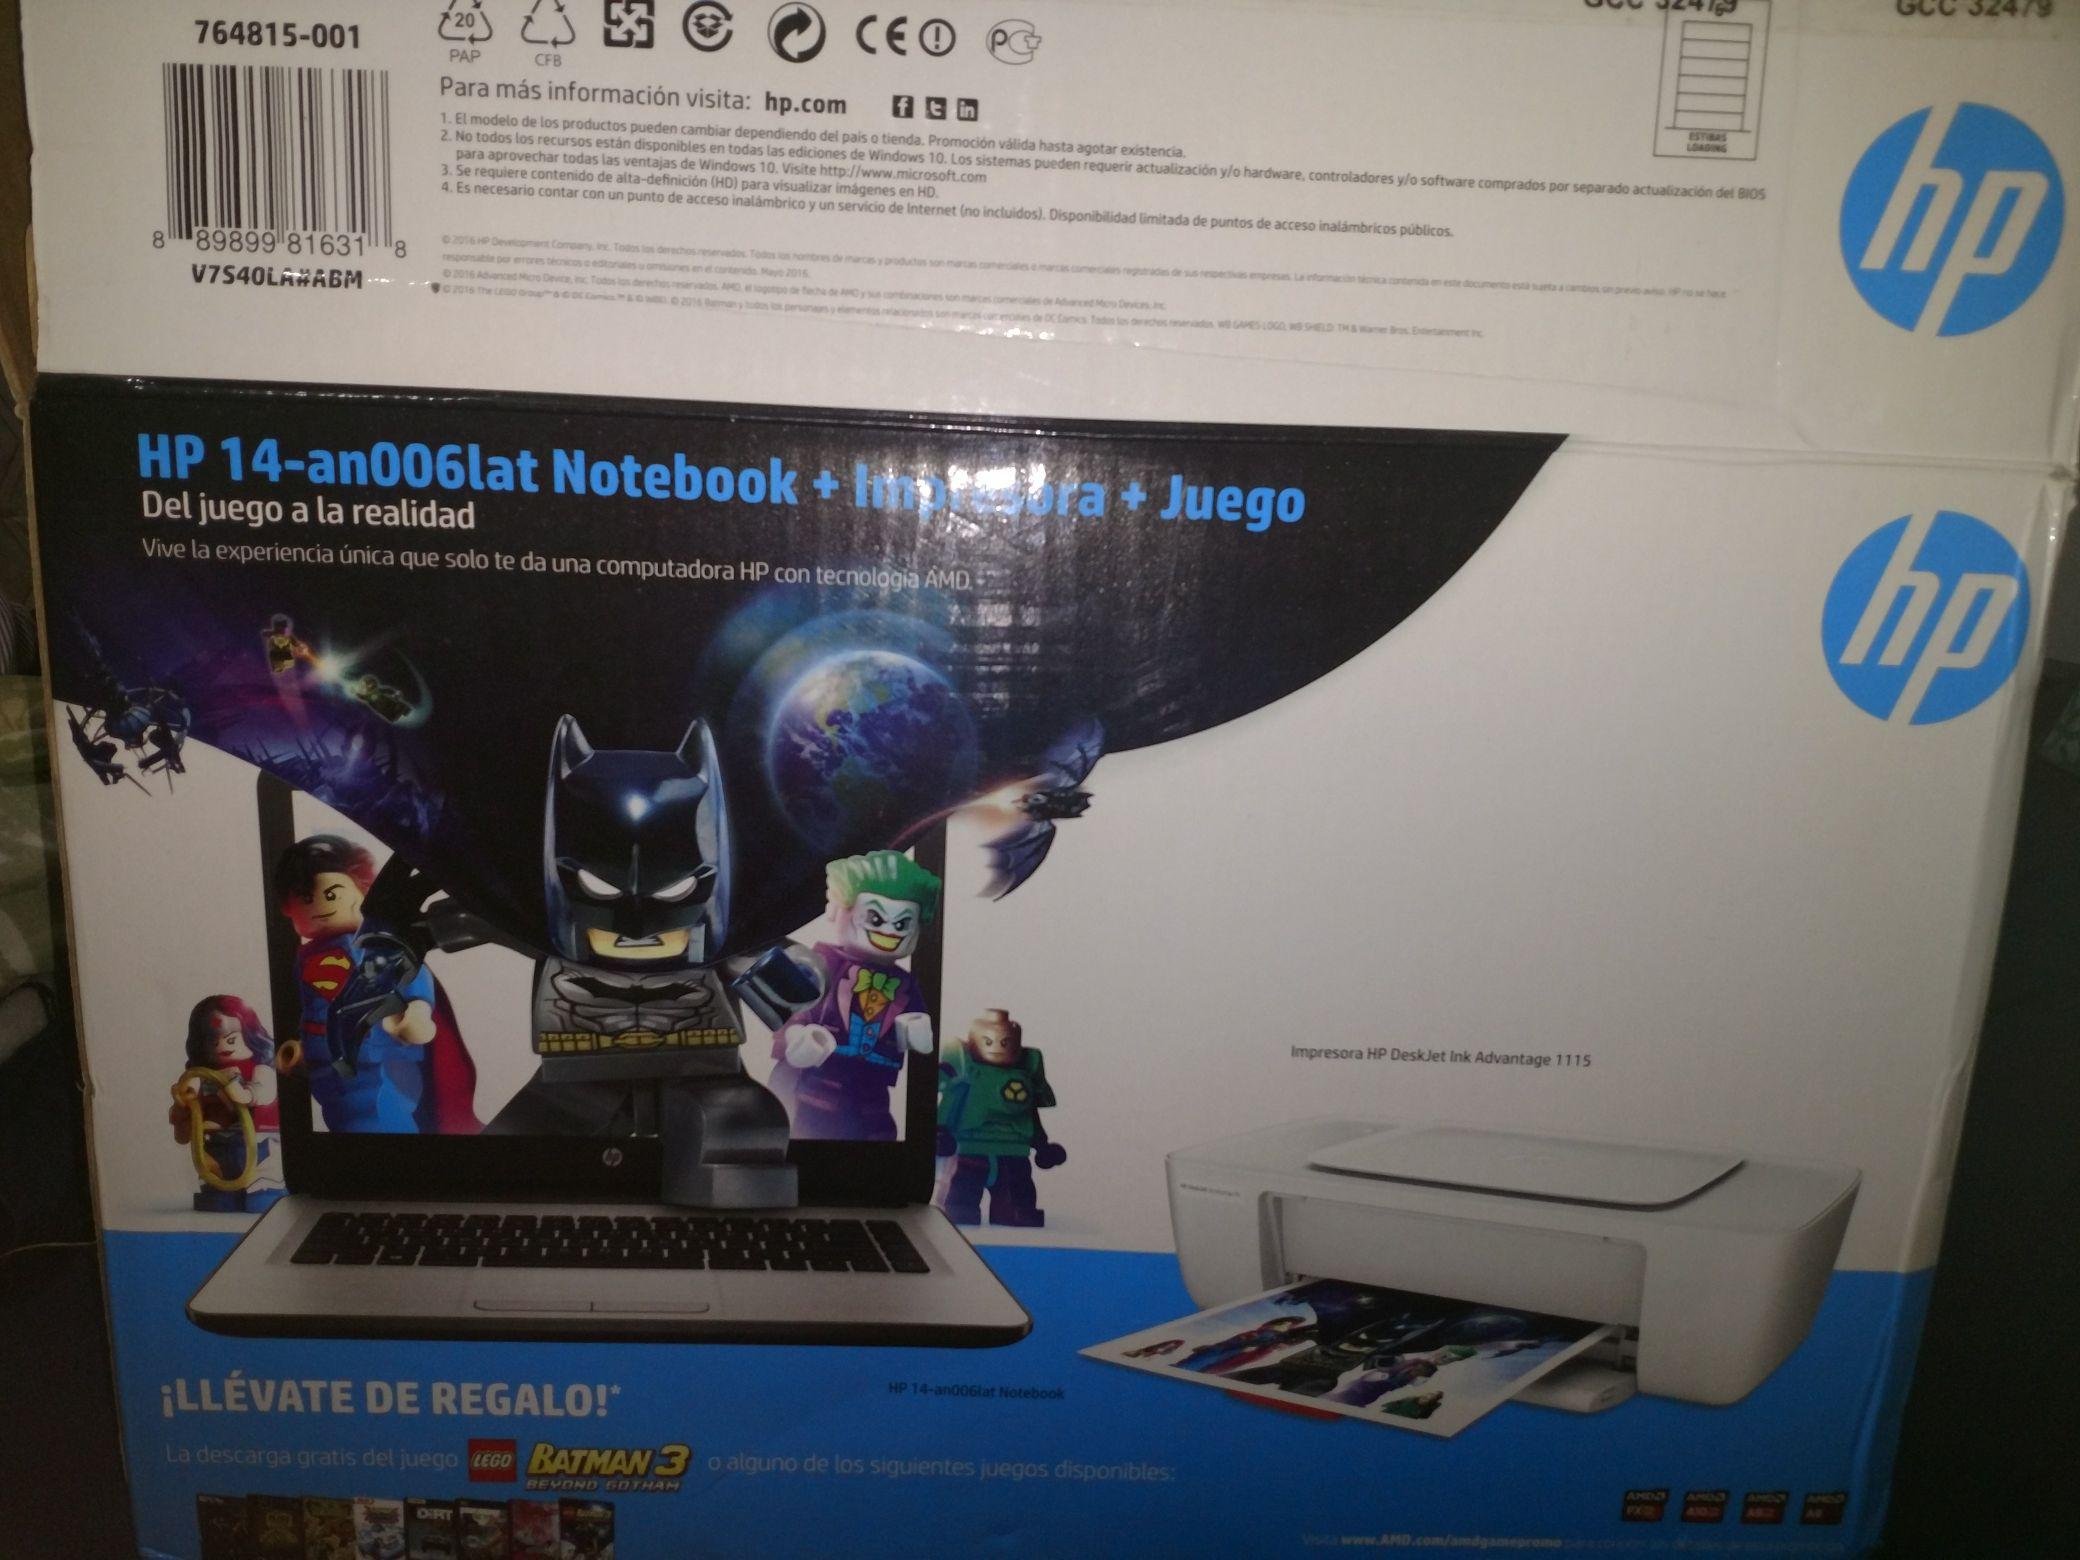 Walmart diagonal: Notebook HP 14 + impresora + juego última liquidación